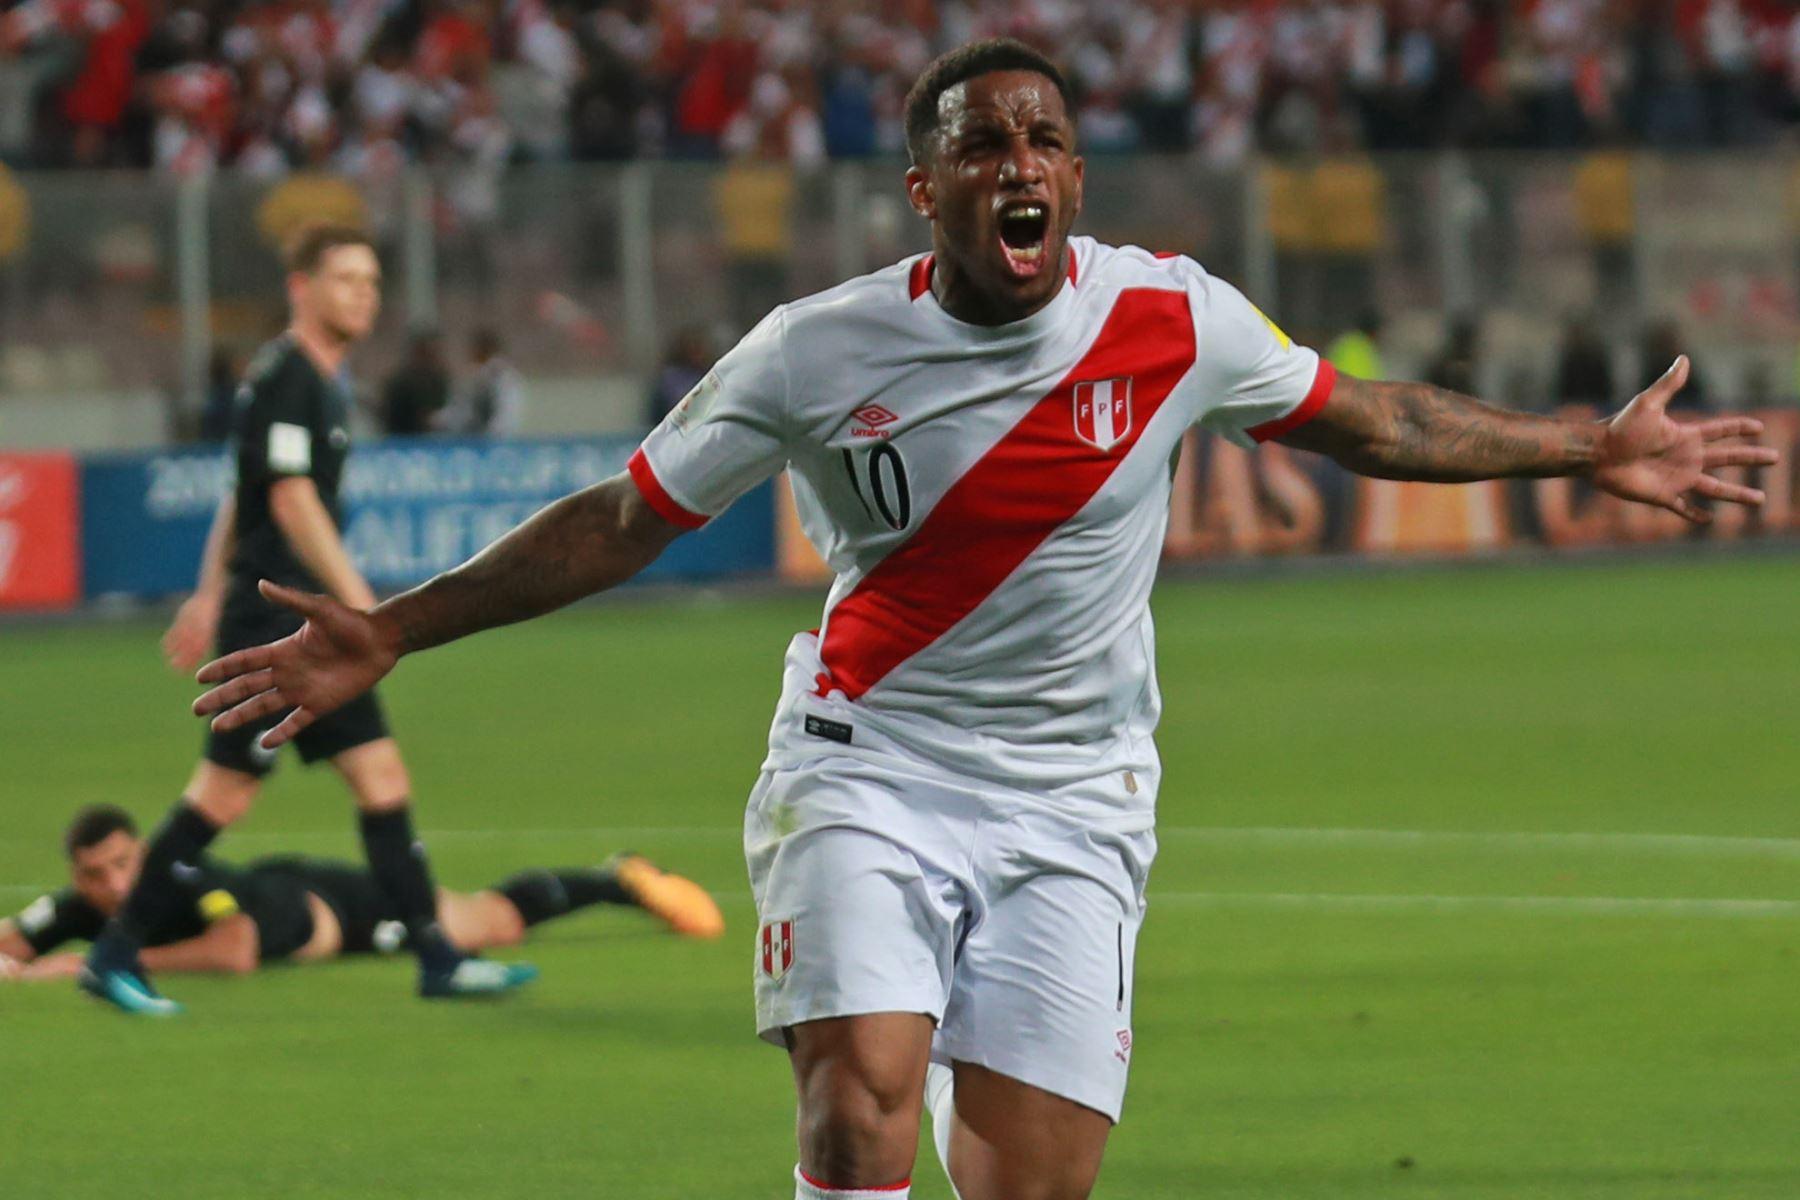 Perú vence 1-0 a Nueva Zelanda en partido por último cupo a Rusia 2018. Foto: ANDINA/Carlos Lezama